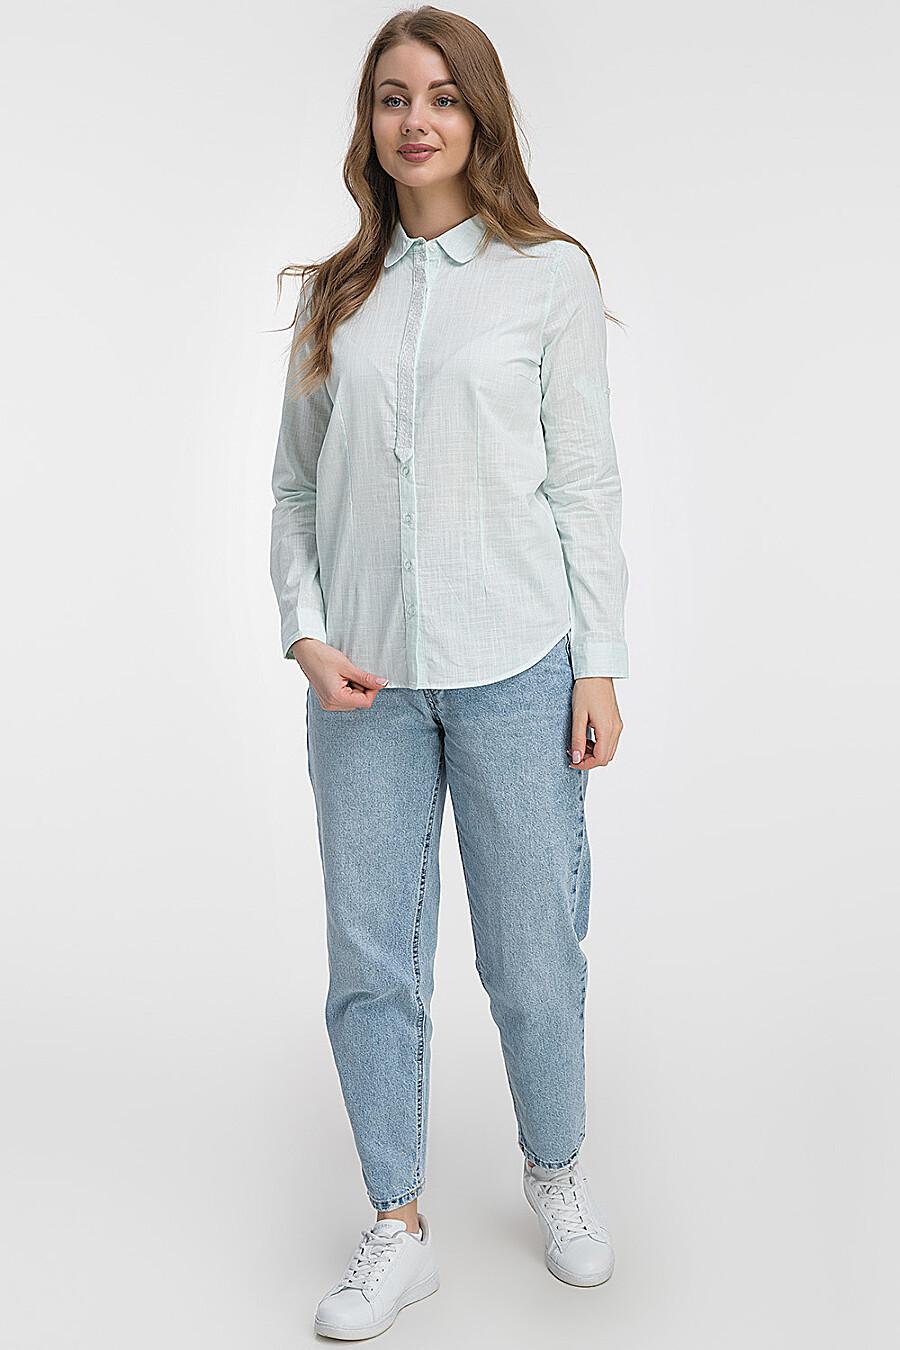 Рубашка для женщин MODALIME 184582 купить оптом от производителя. Совместная покупка женской одежды в OptMoyo